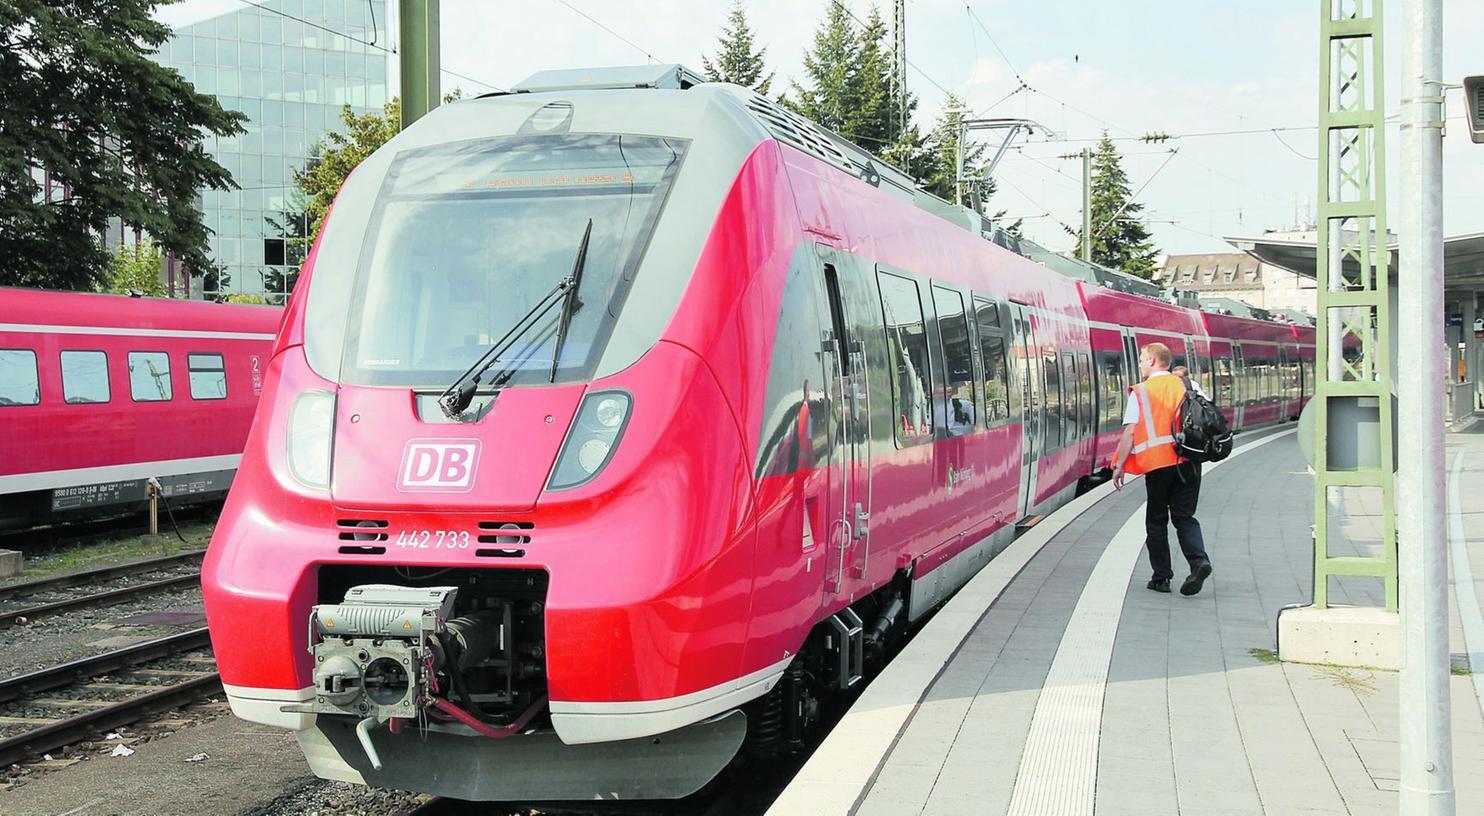 """In den letzten Tagen sind etliche Garnituren der neuen S-Bahn-Triebzüge ET 442 """"Talent 2""""  eingetroffen. Die  """"Hamsterbacke"""" wird getestet."""